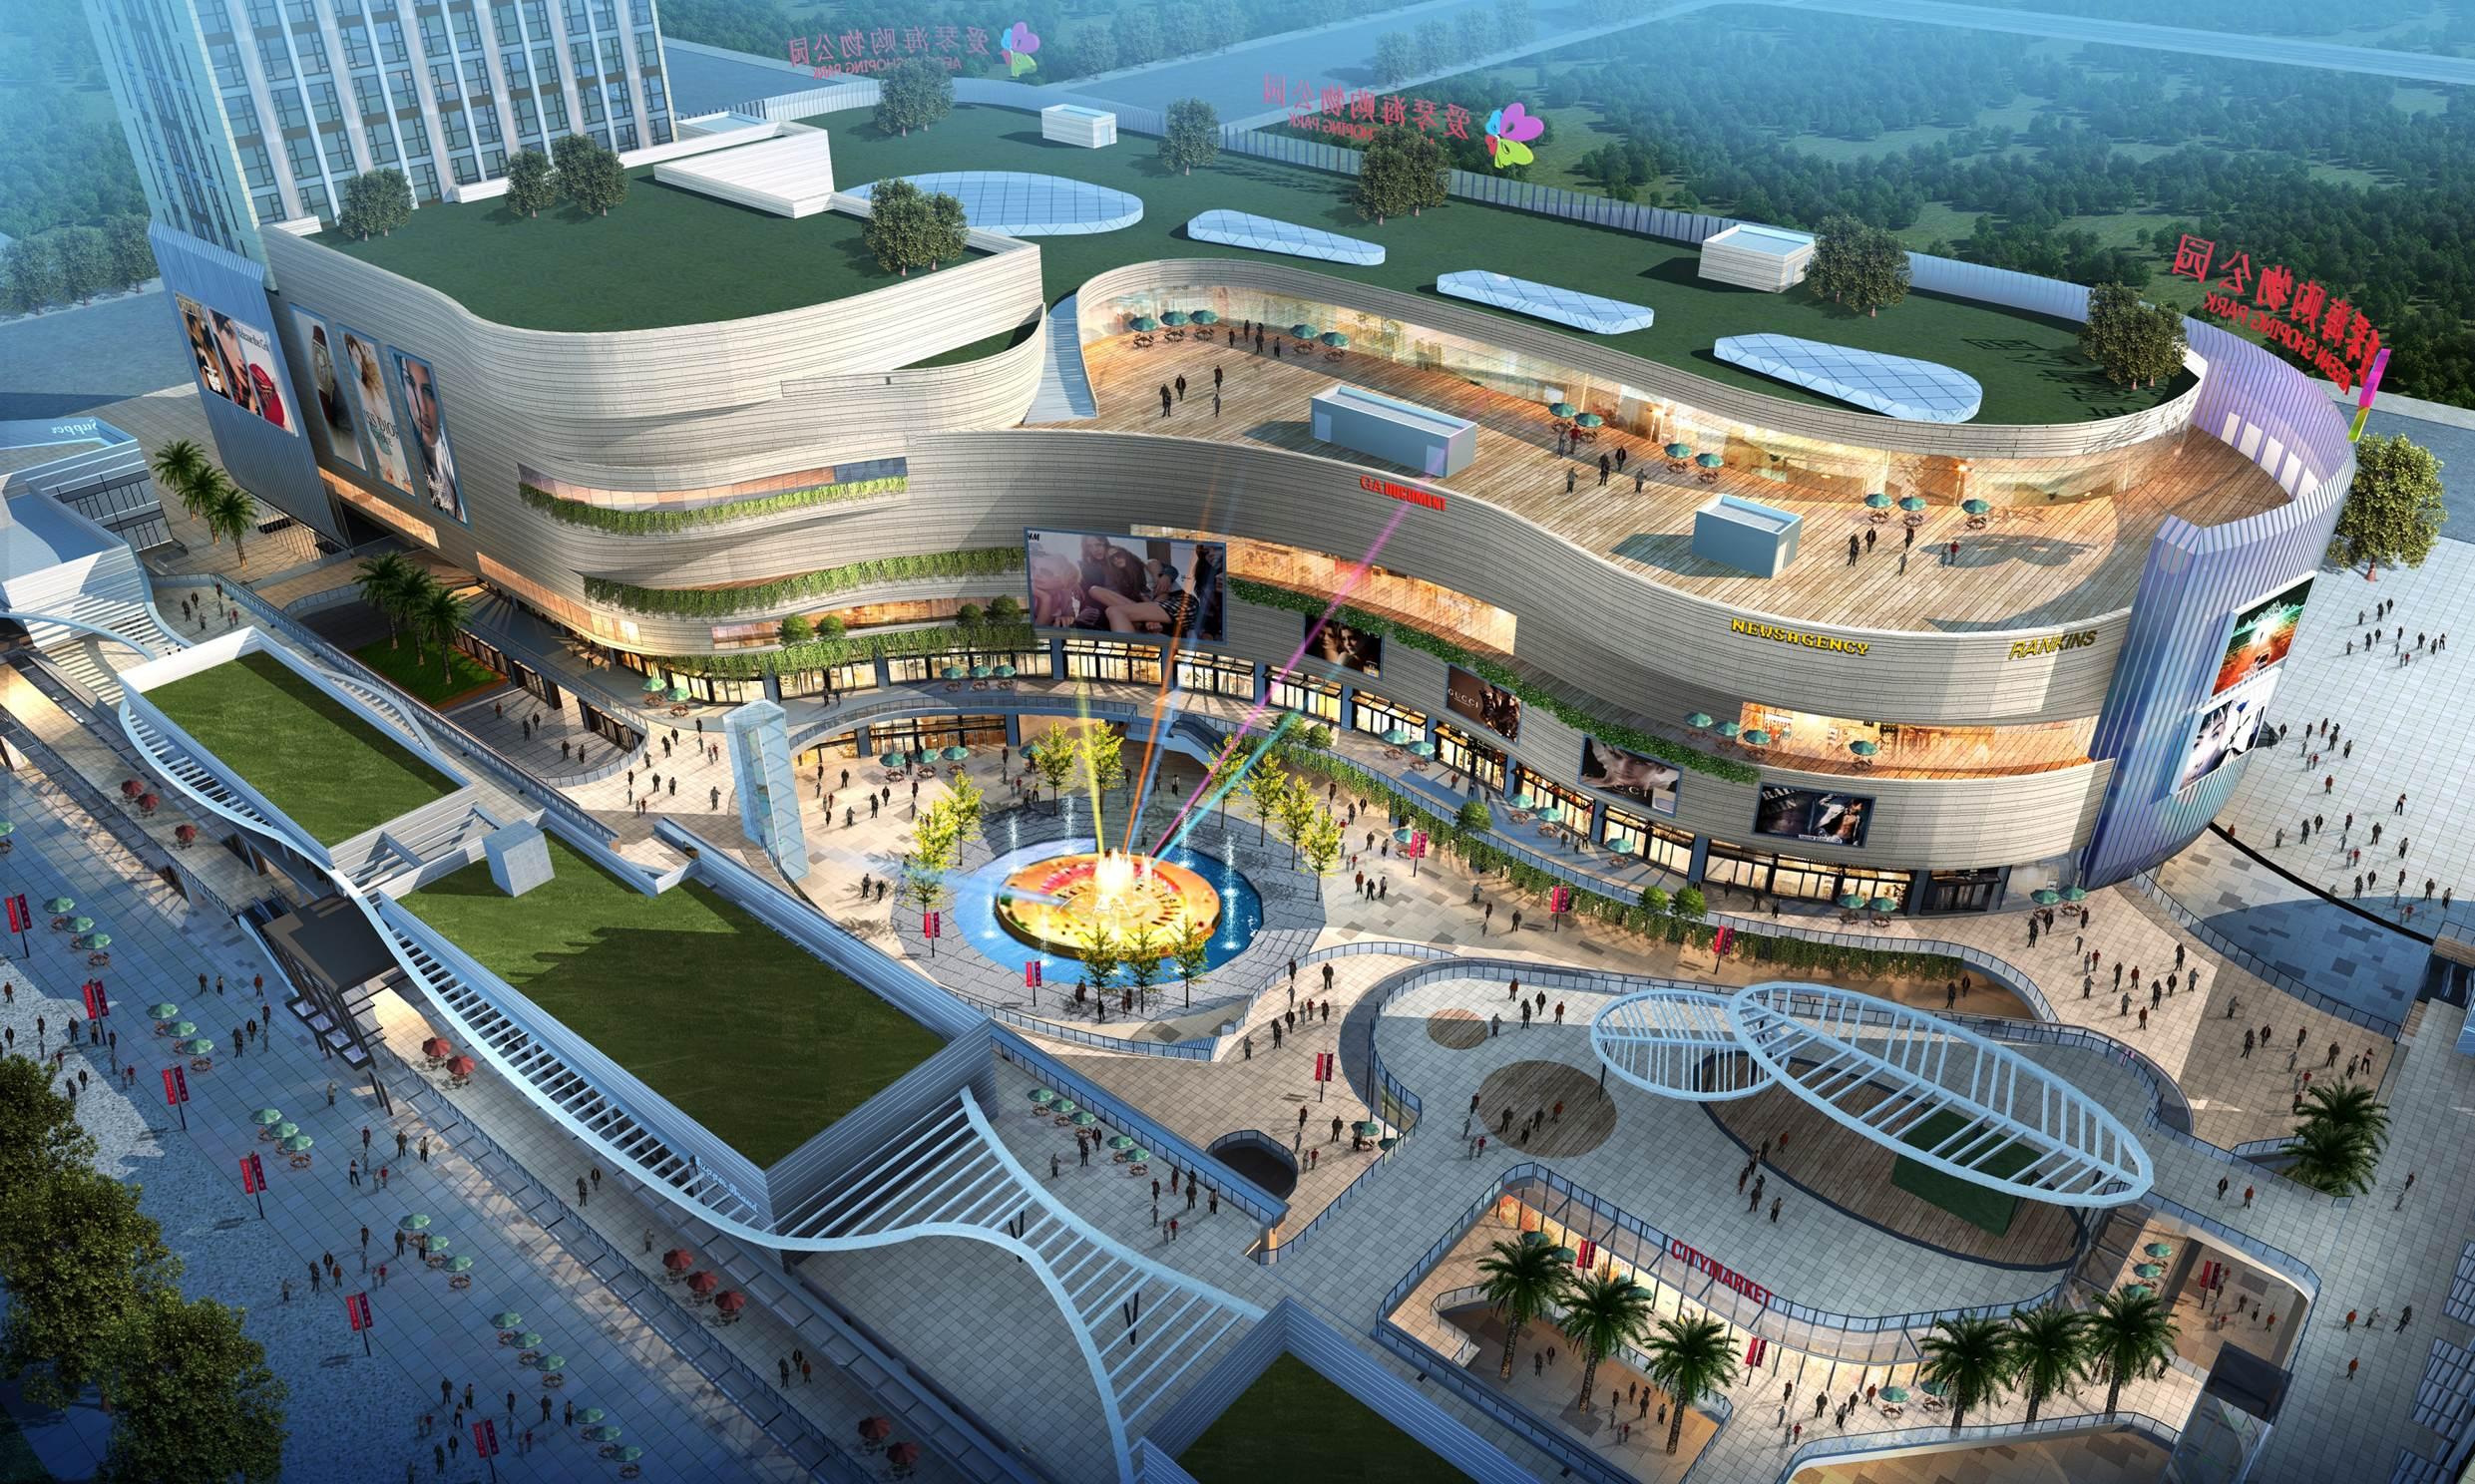 苏州吴江爱琴海购物公园